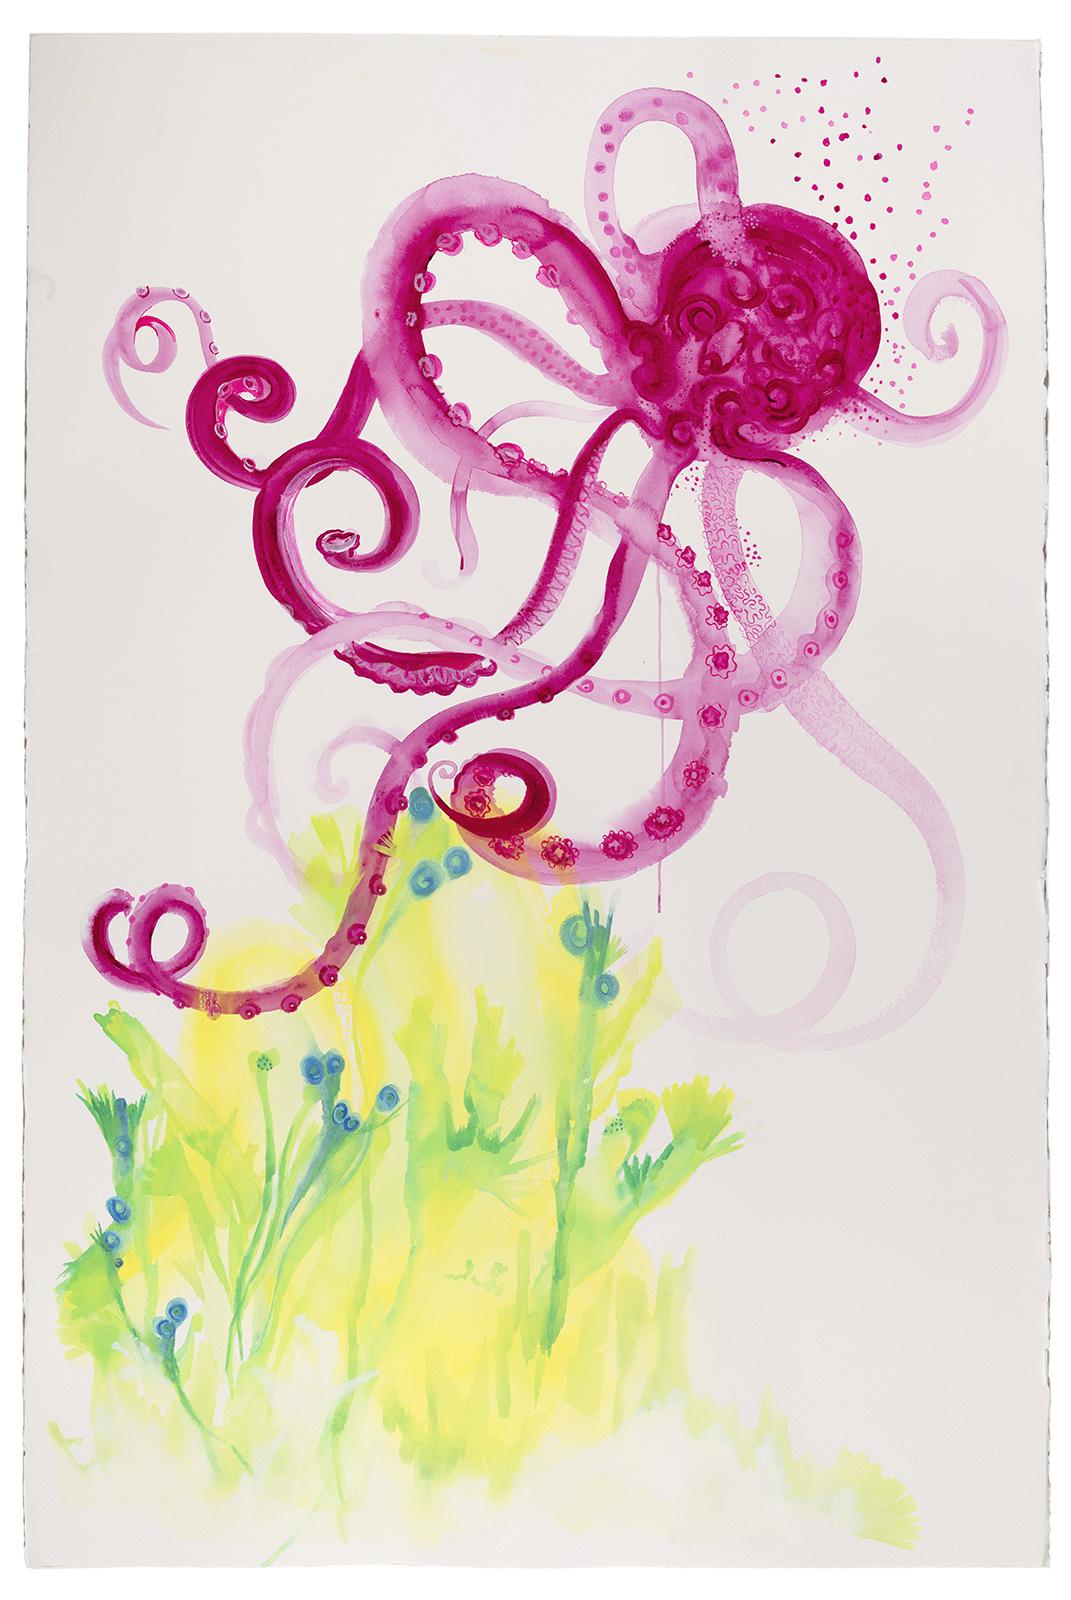 Marjery in an Octopus's Garden, 2019, Watercolor on paper, 60 x 40 in.